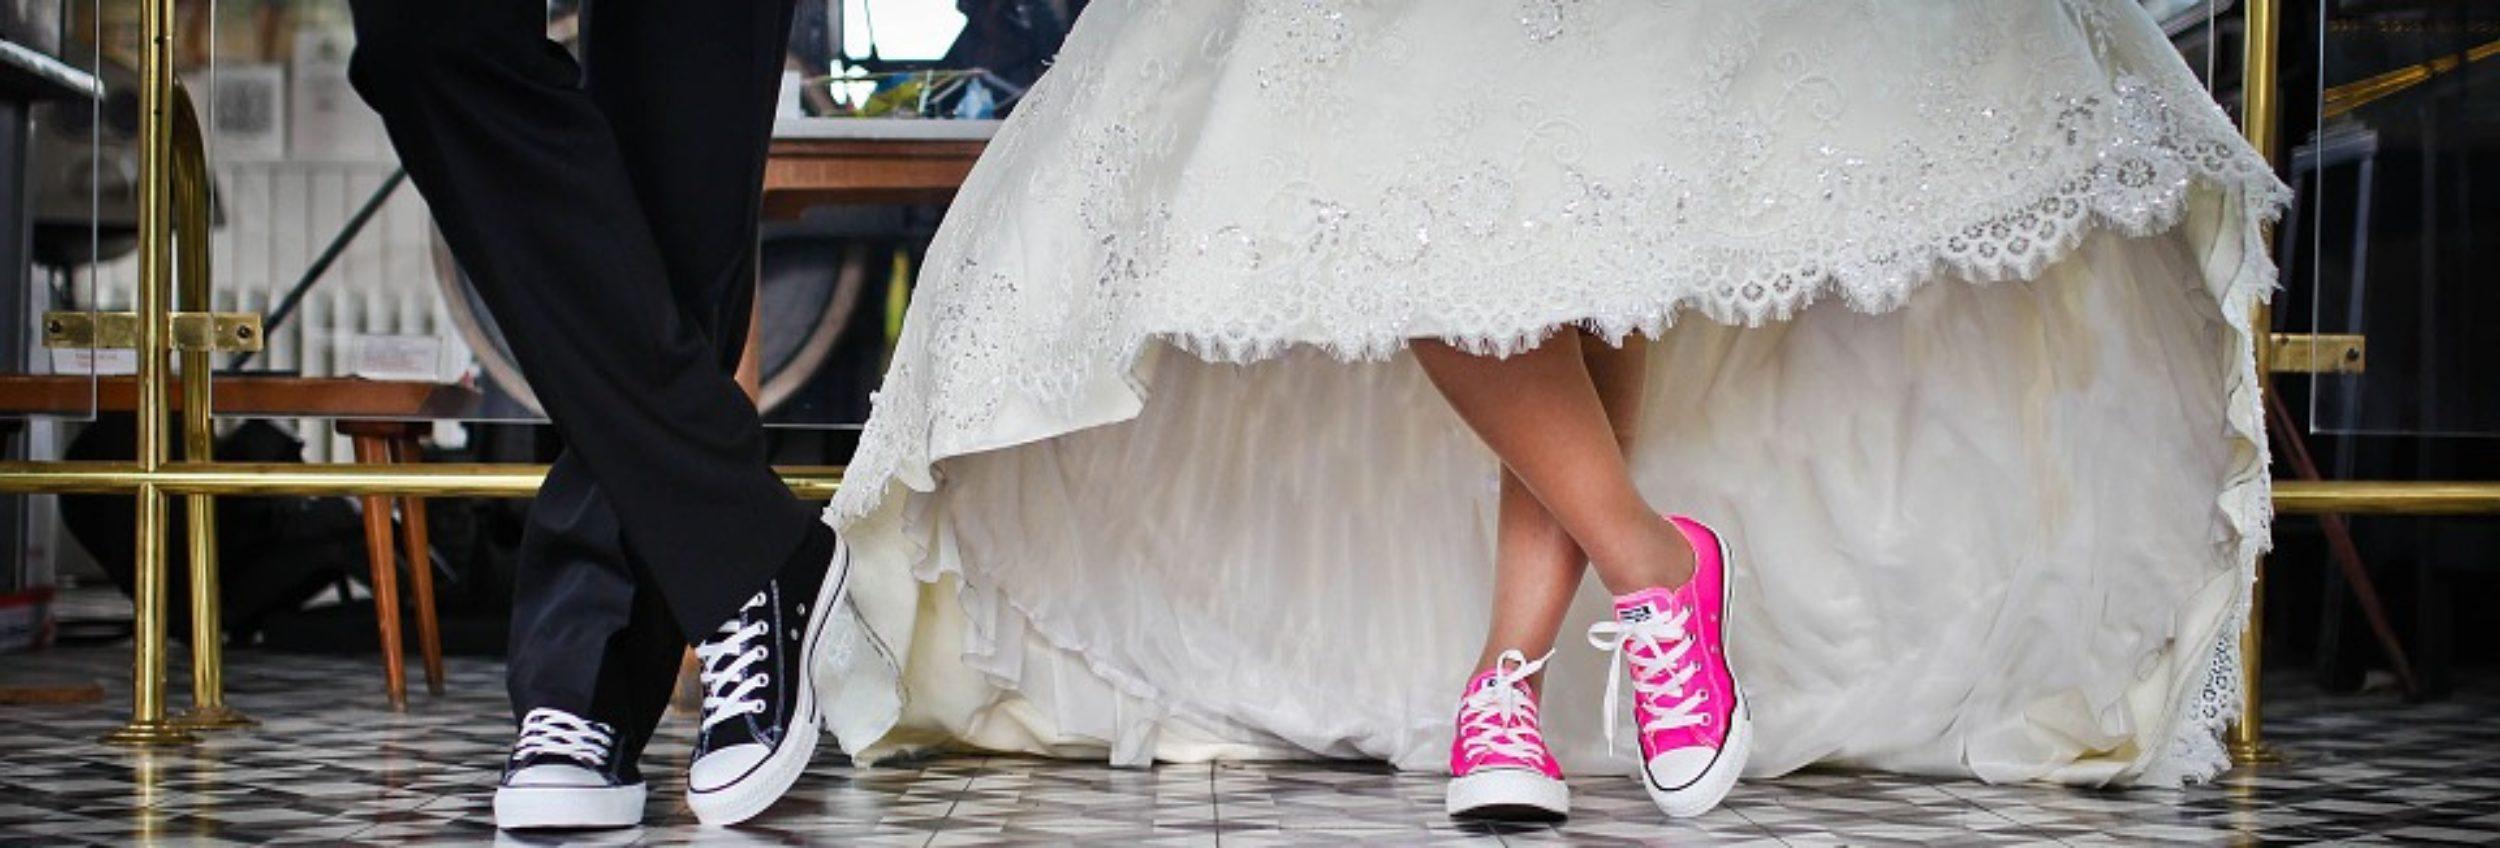 Dein ❤ Hochzeitsshop